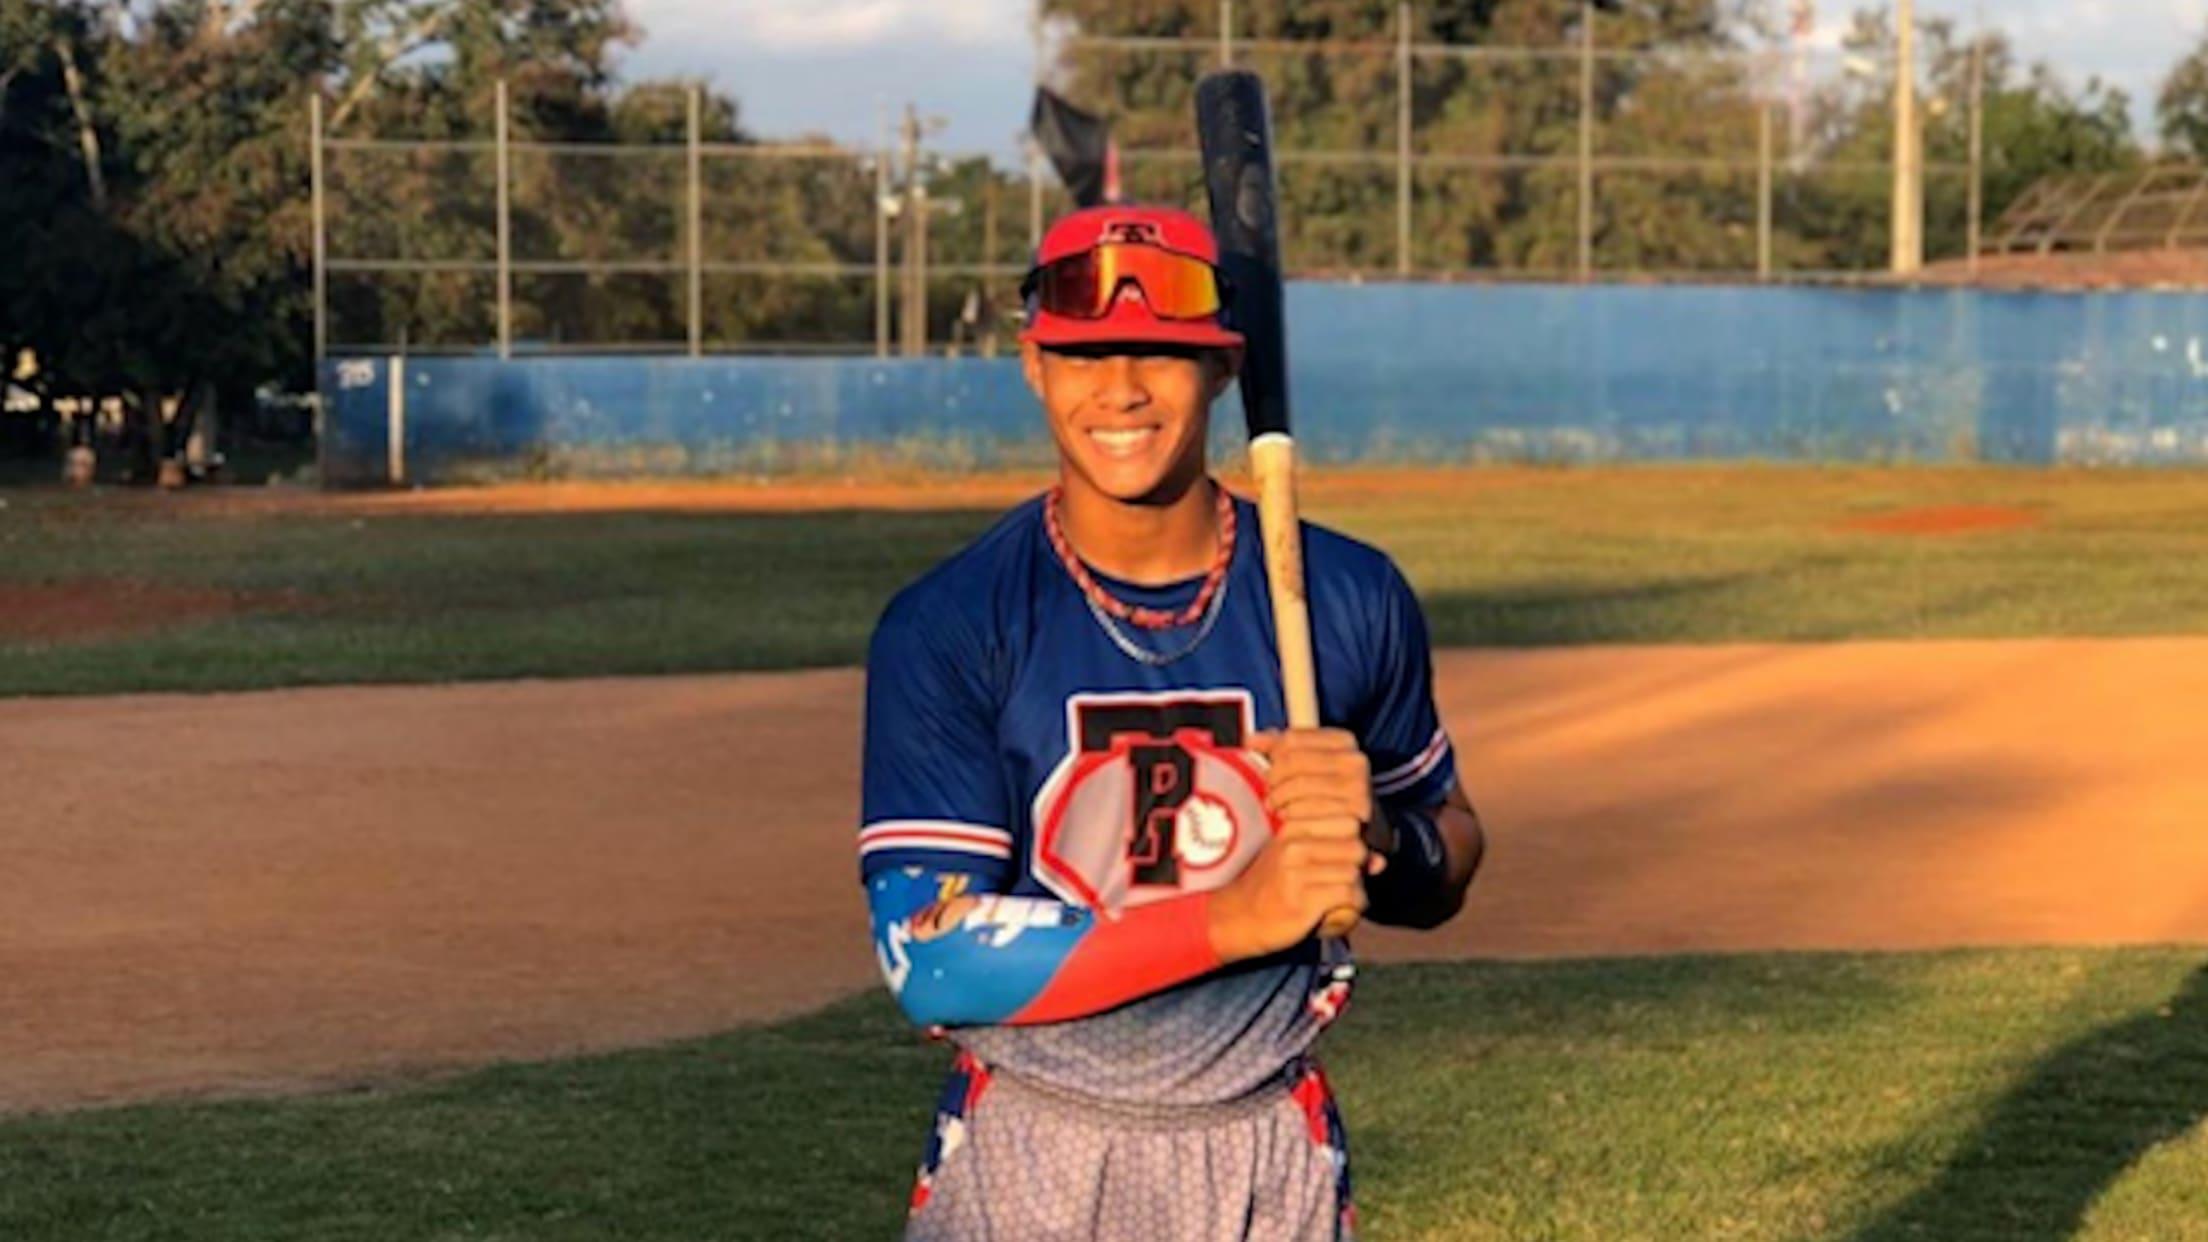 Top Prospects: Carlos Colmenarez